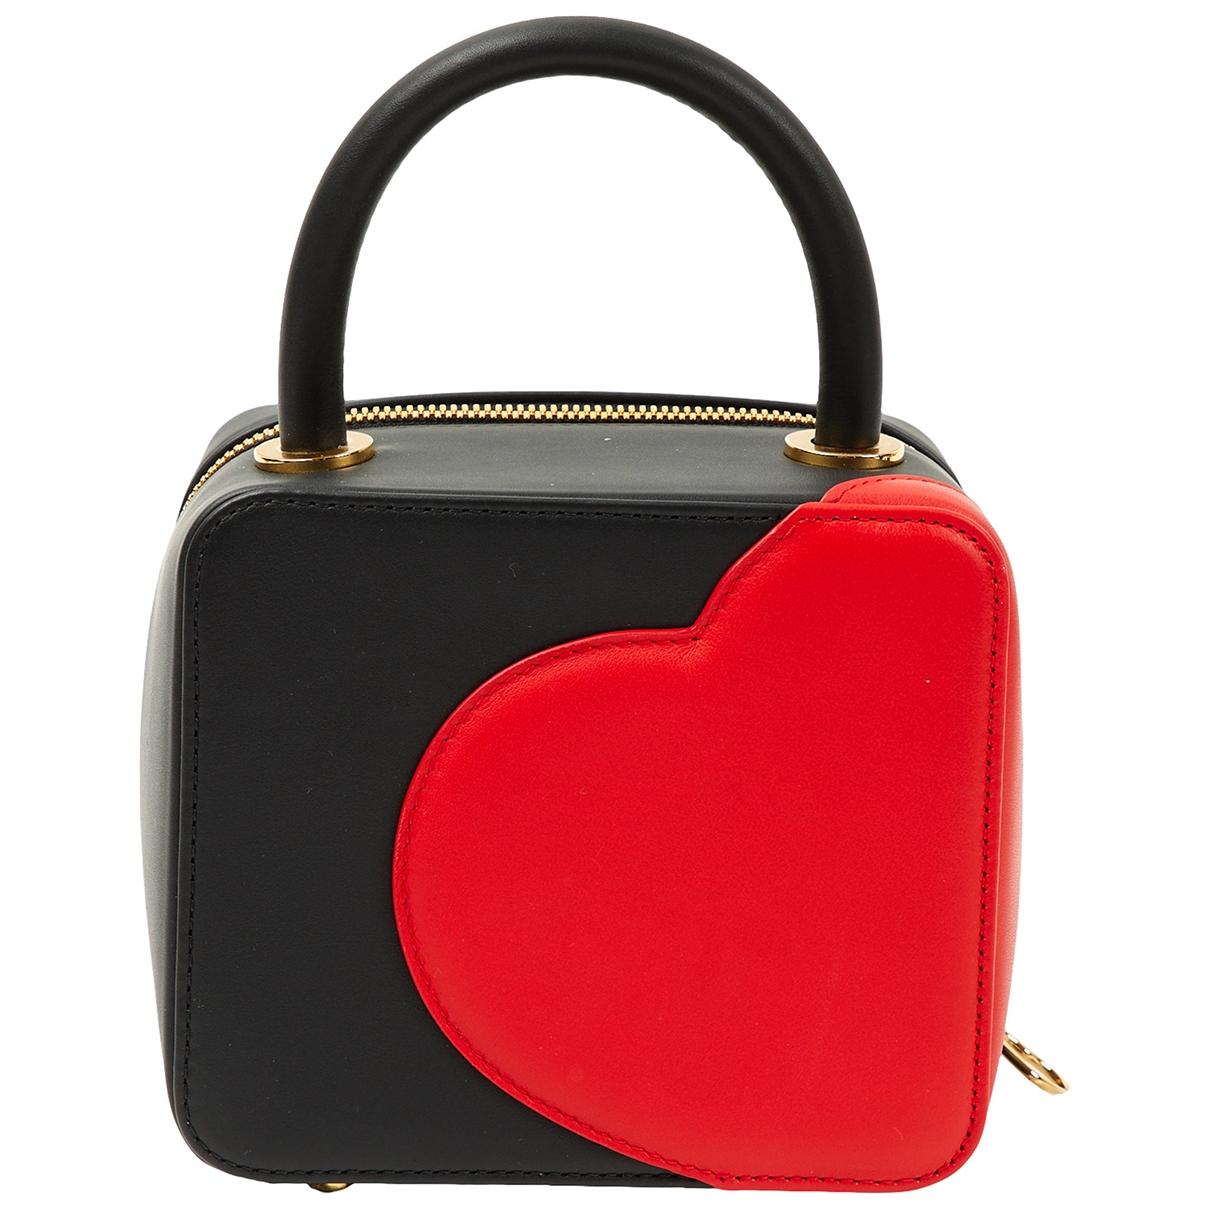 Chopard \N Black Leather handbag for Women \N